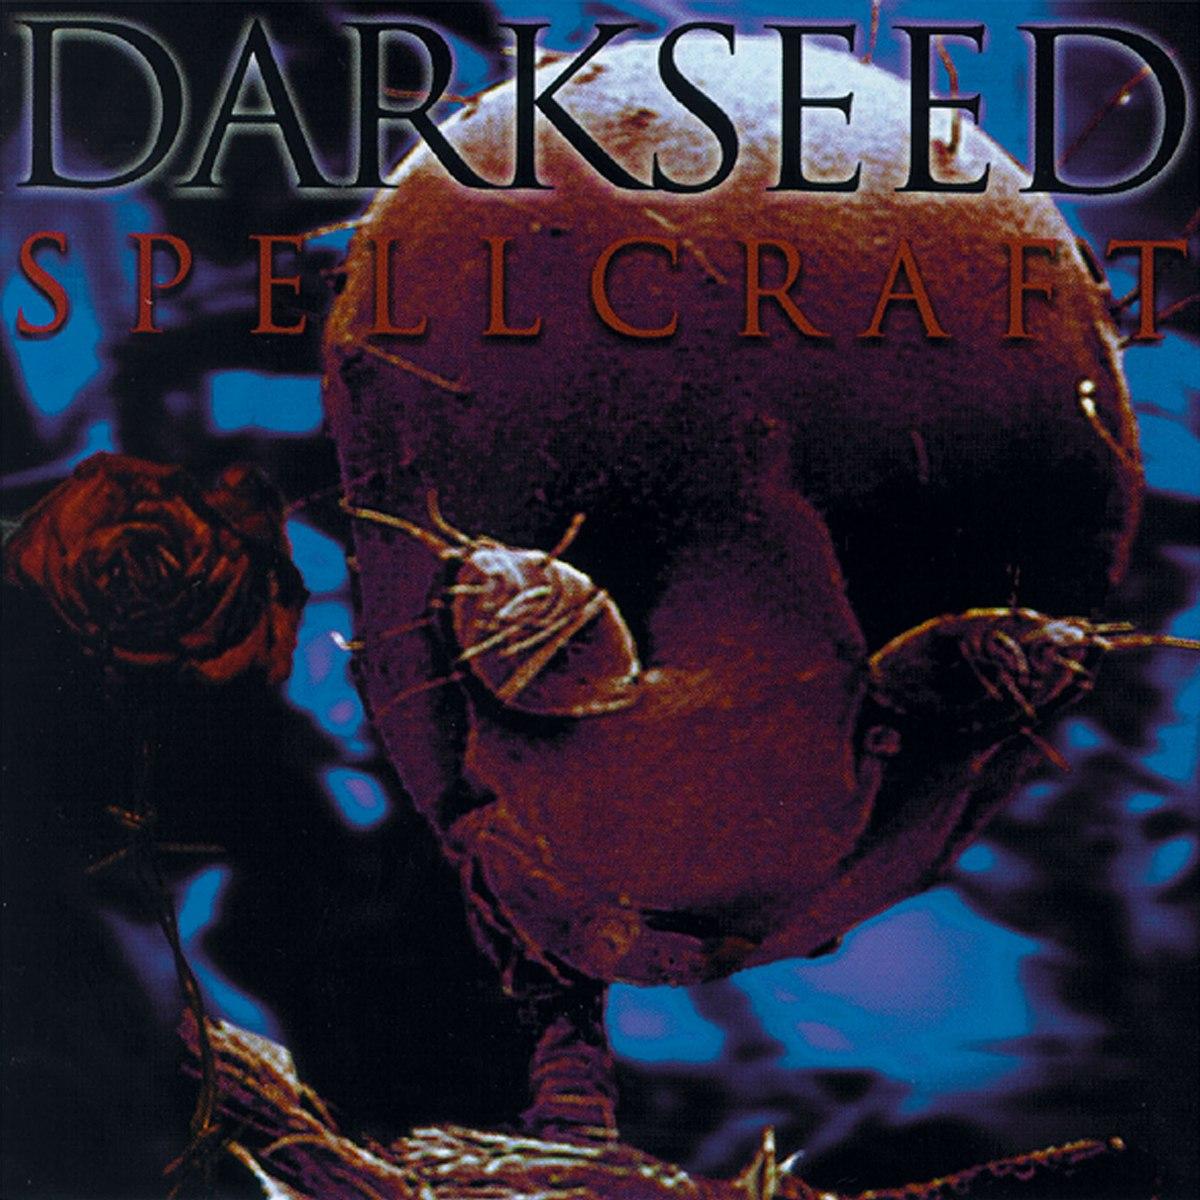 Darkseed - Spellcraft